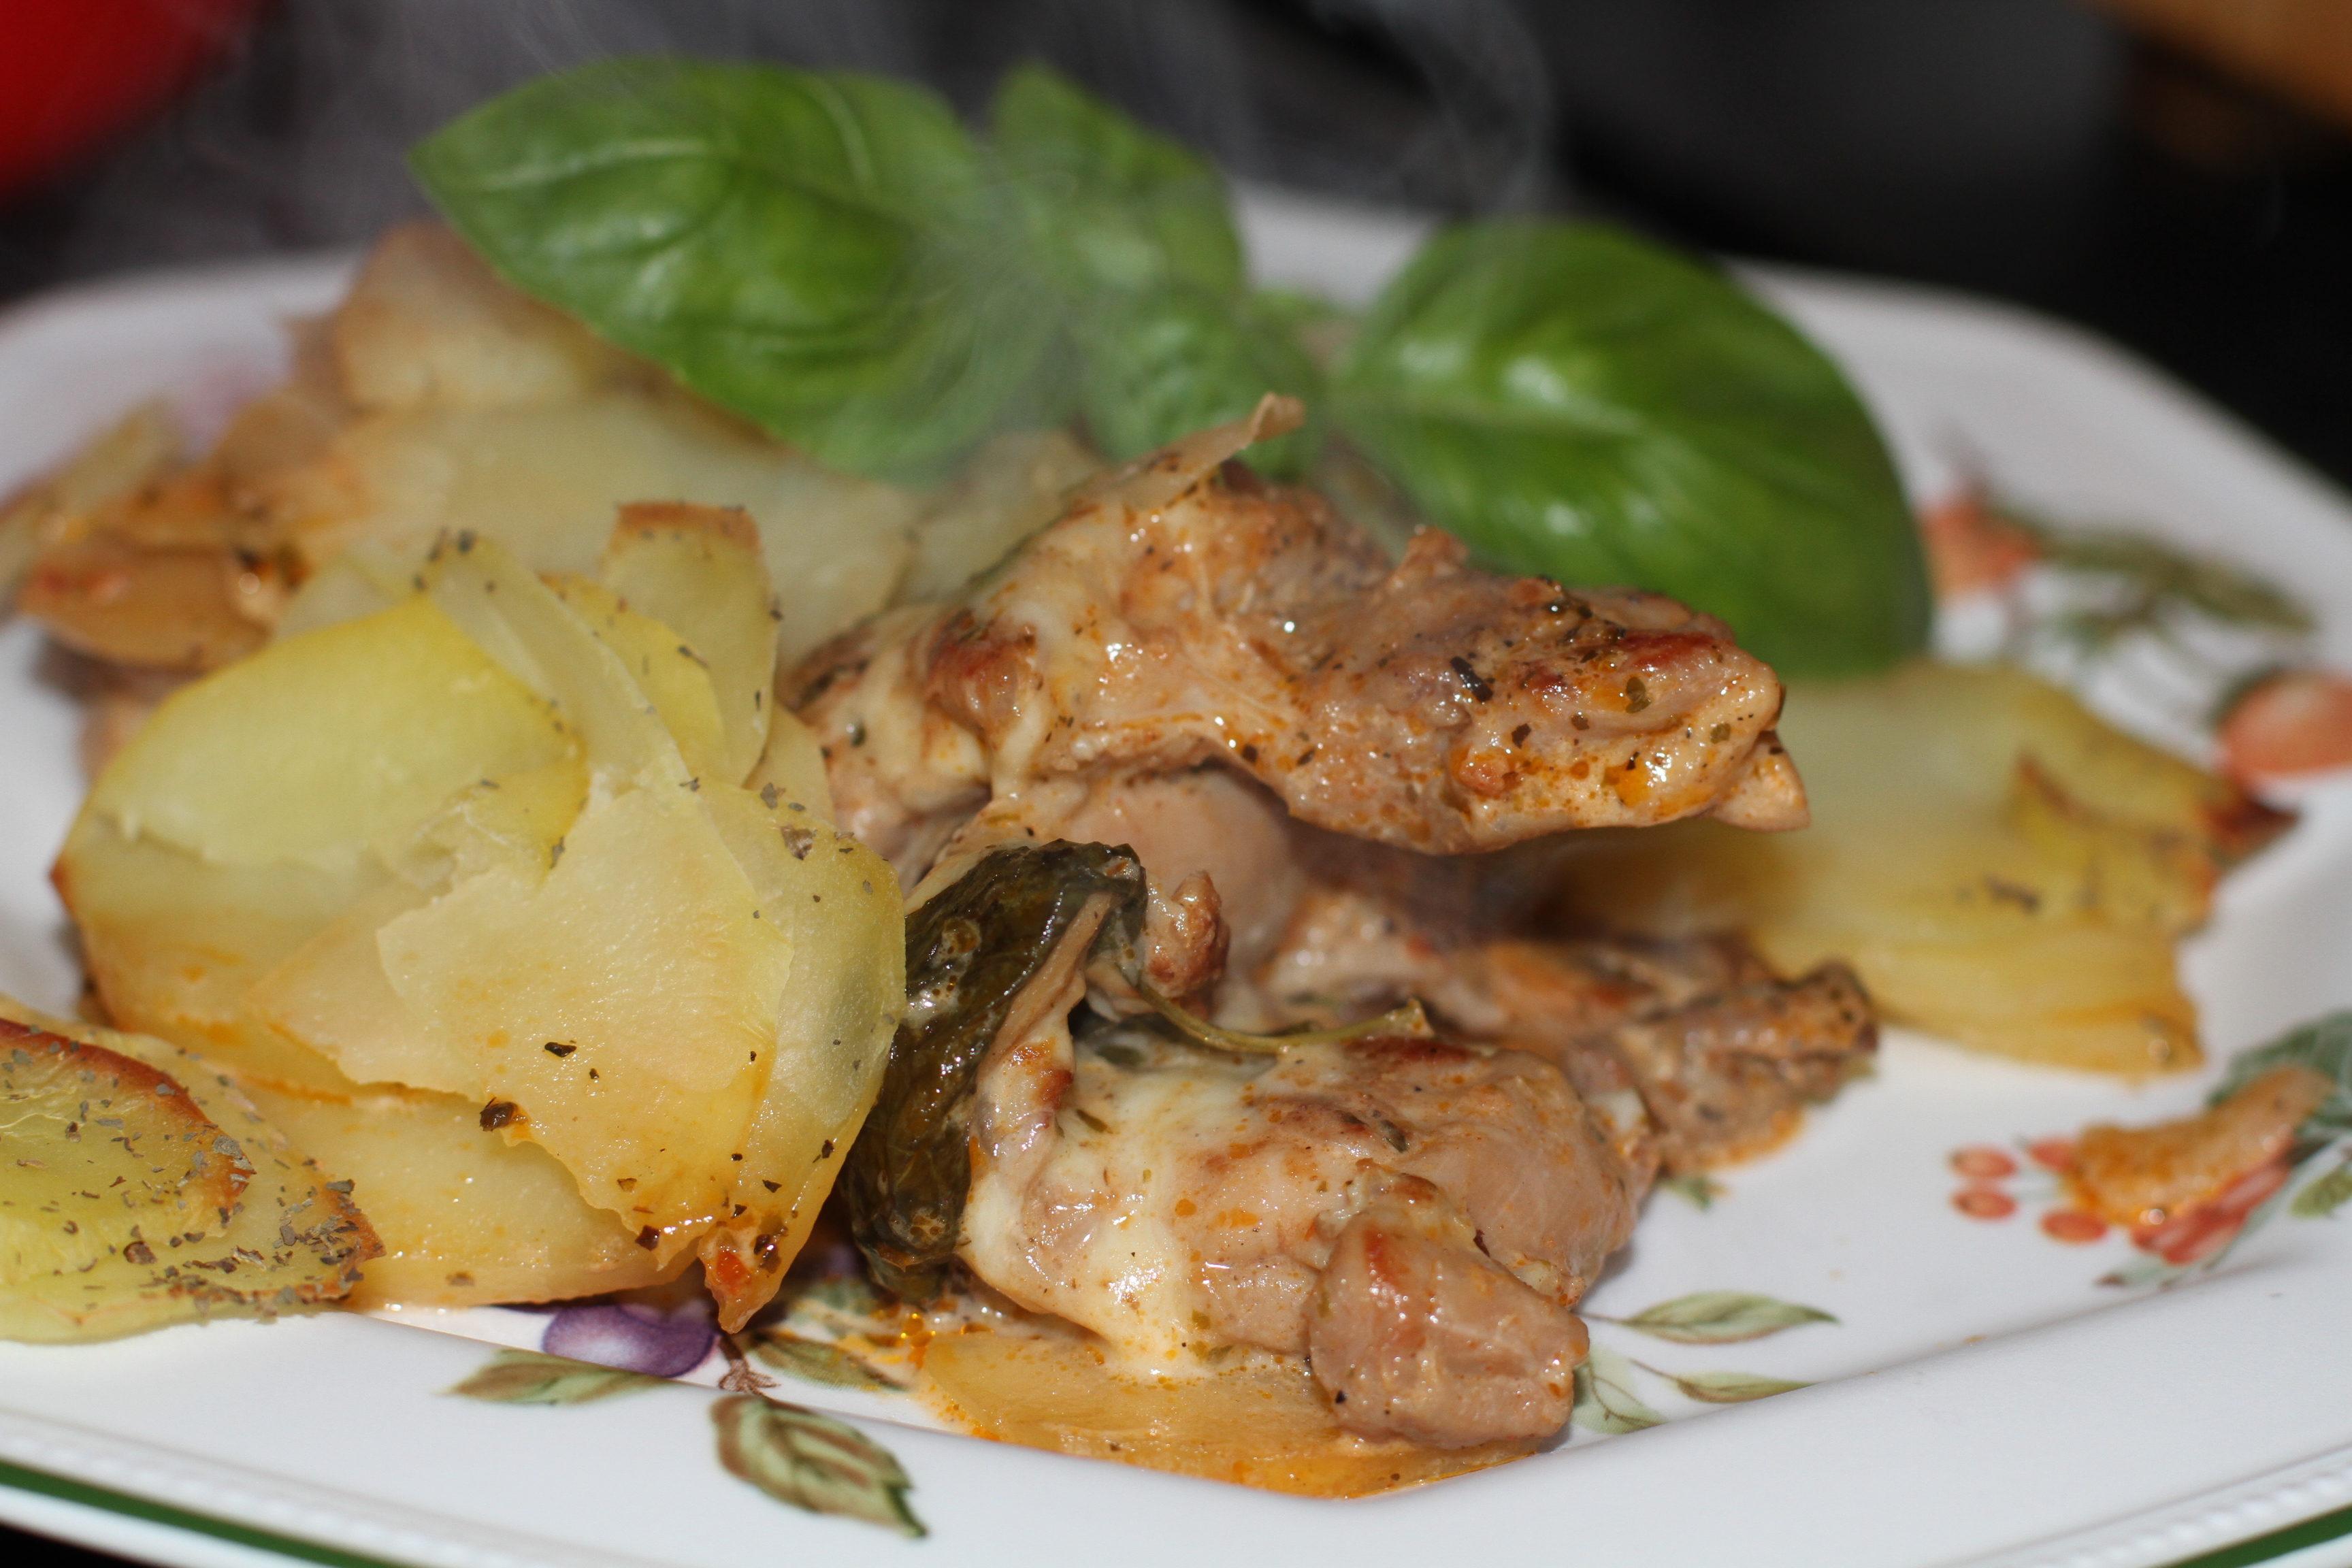 ziemniaki z mięsem z piekarnika